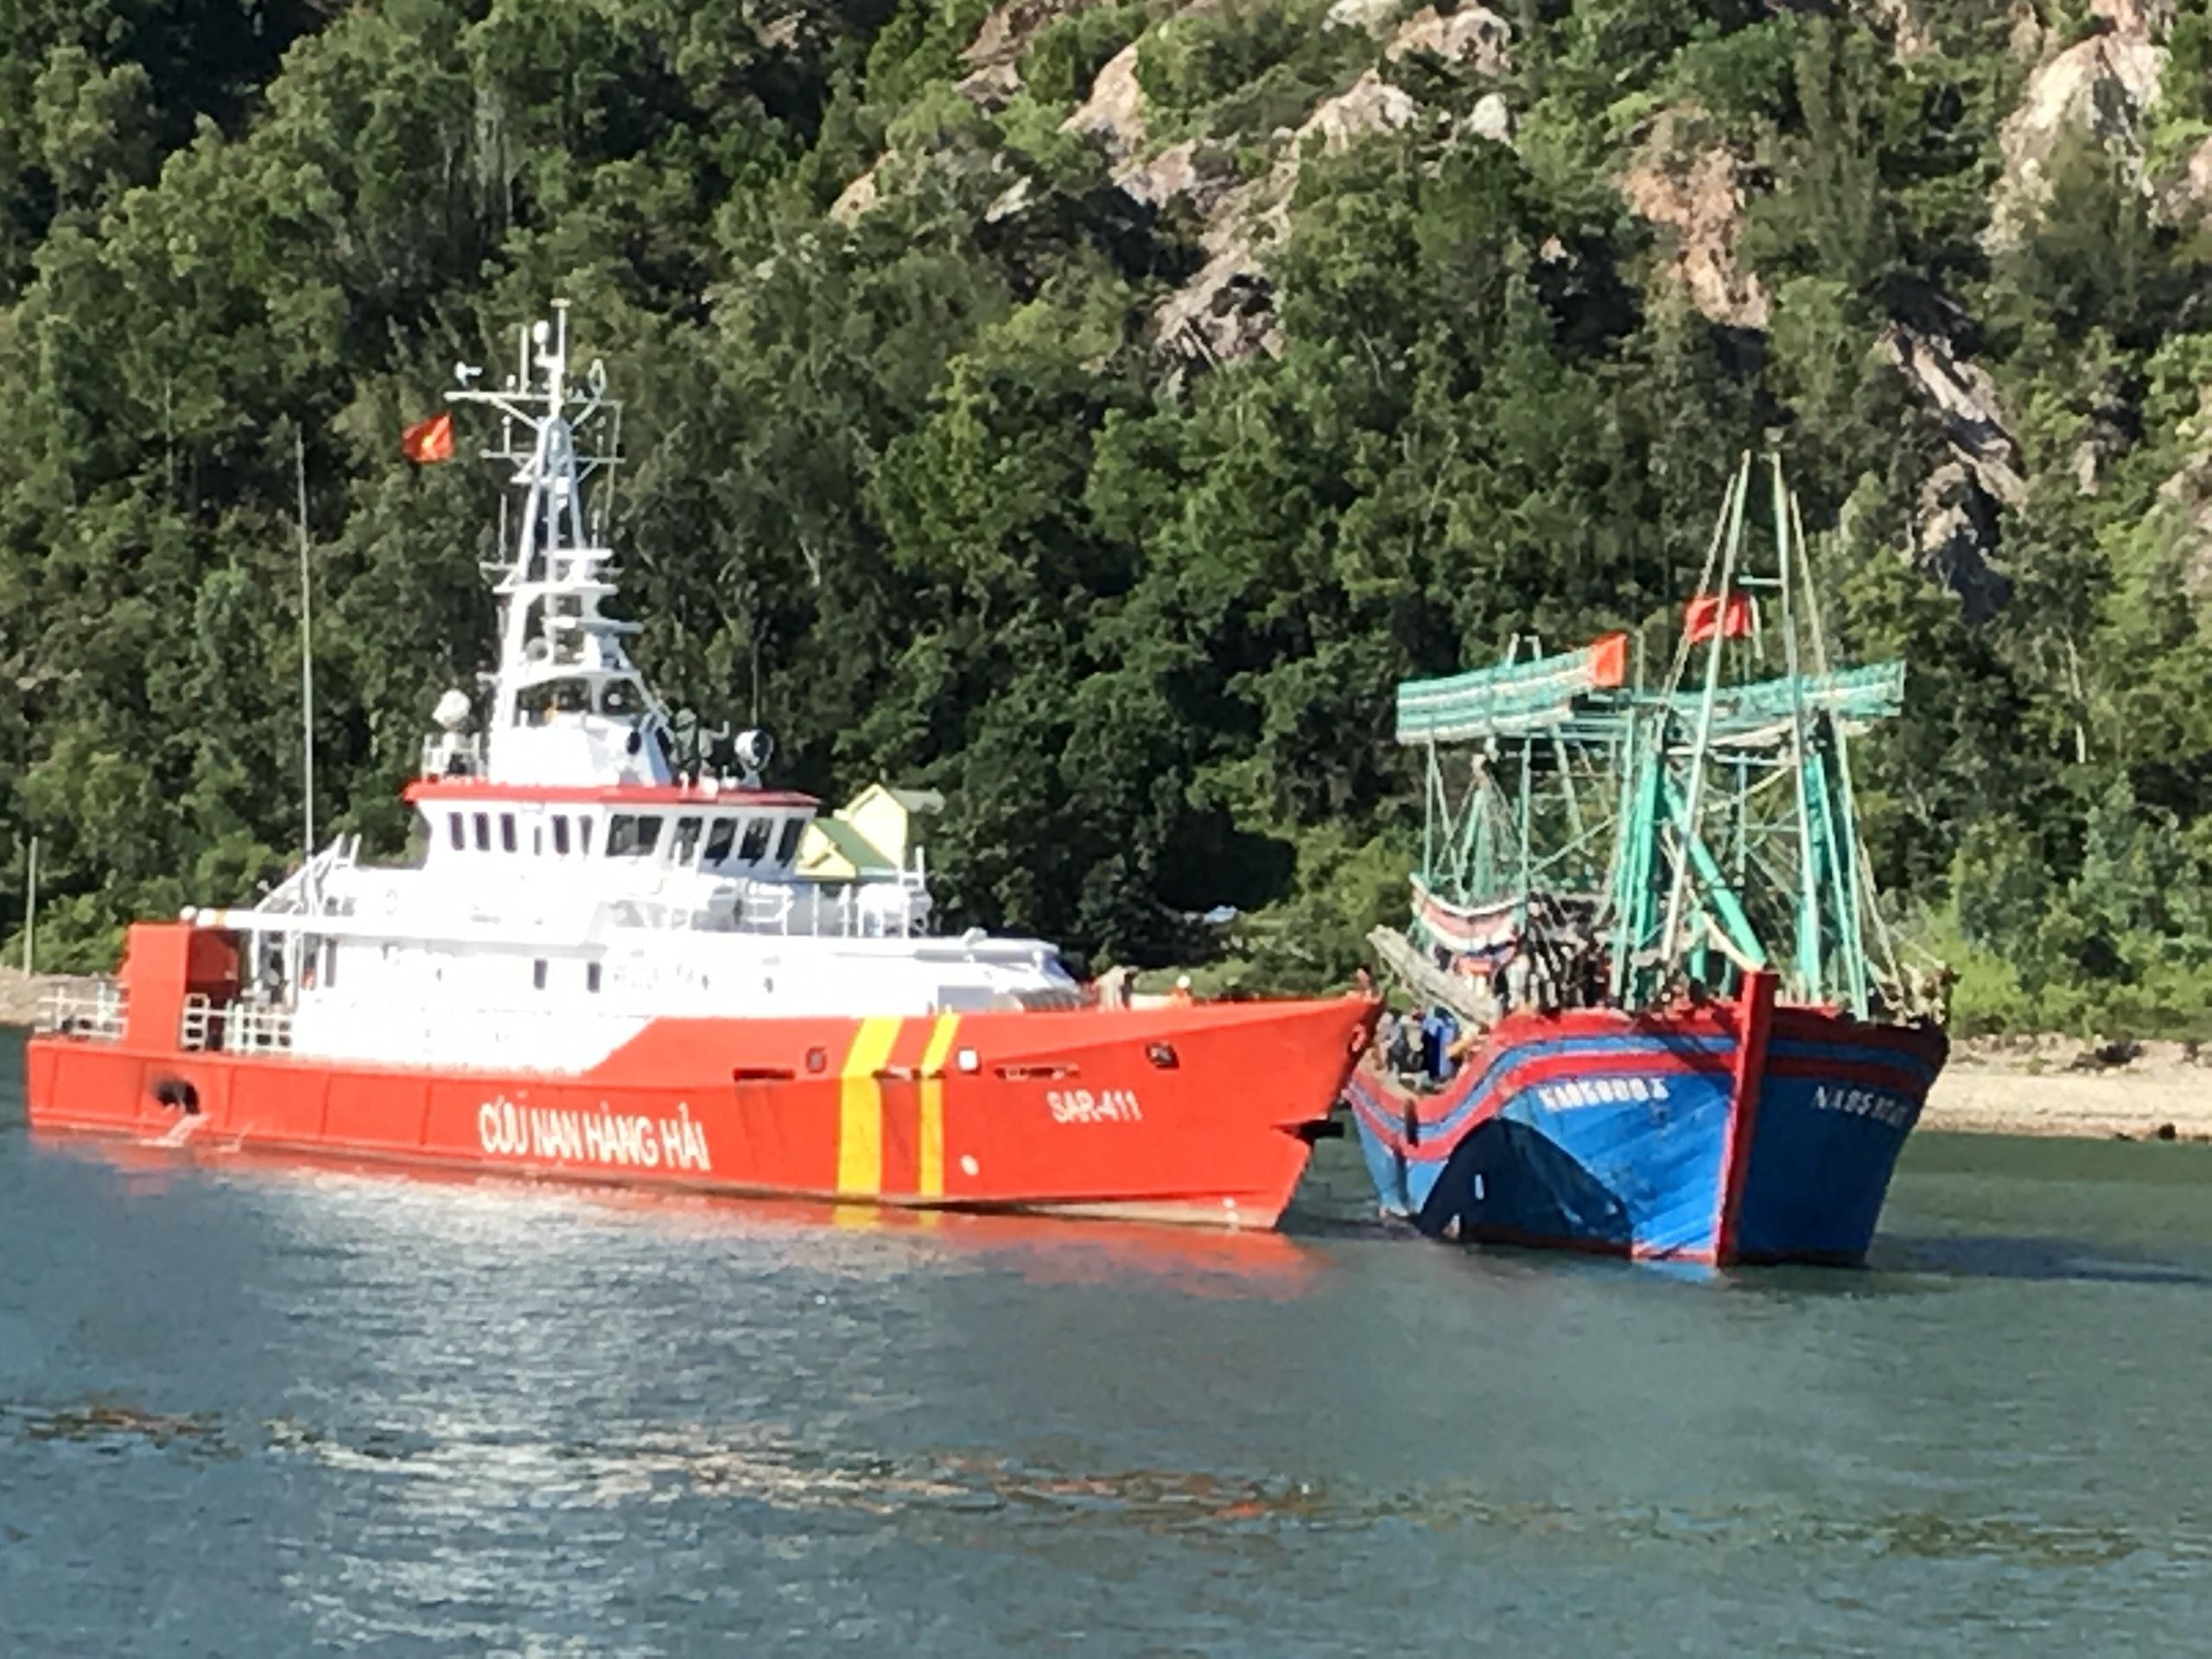 Cứu nạn thành công tàu cá gặp nạn trên biển